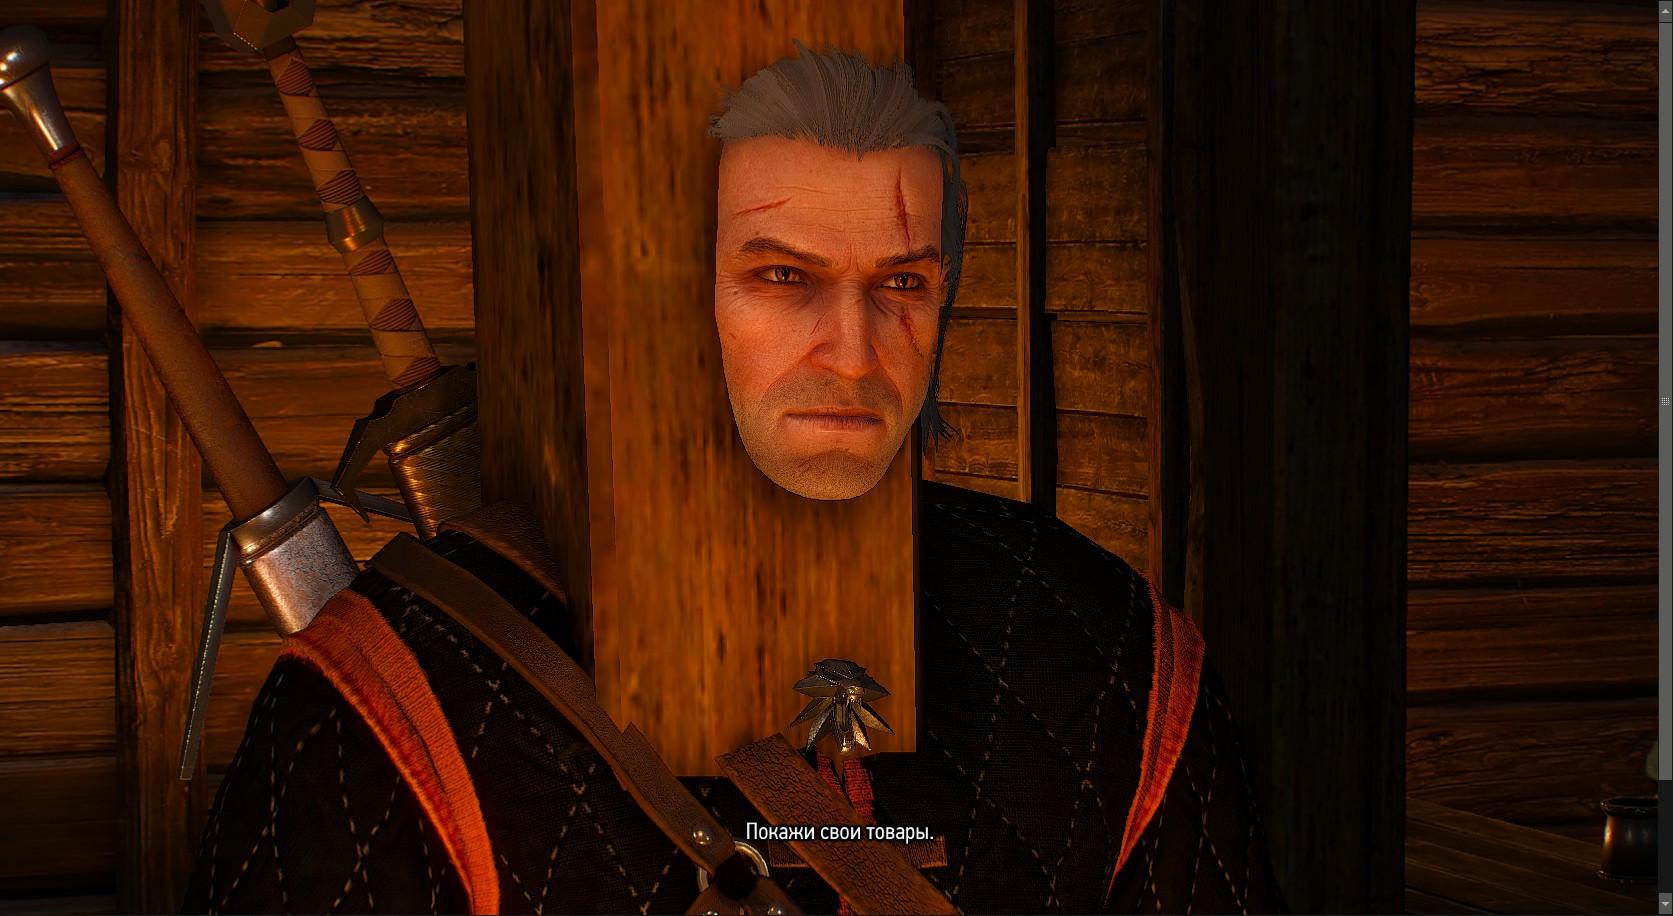 мне нужно больше этого фисштеха - Witcher 3: Wild Hunt, the